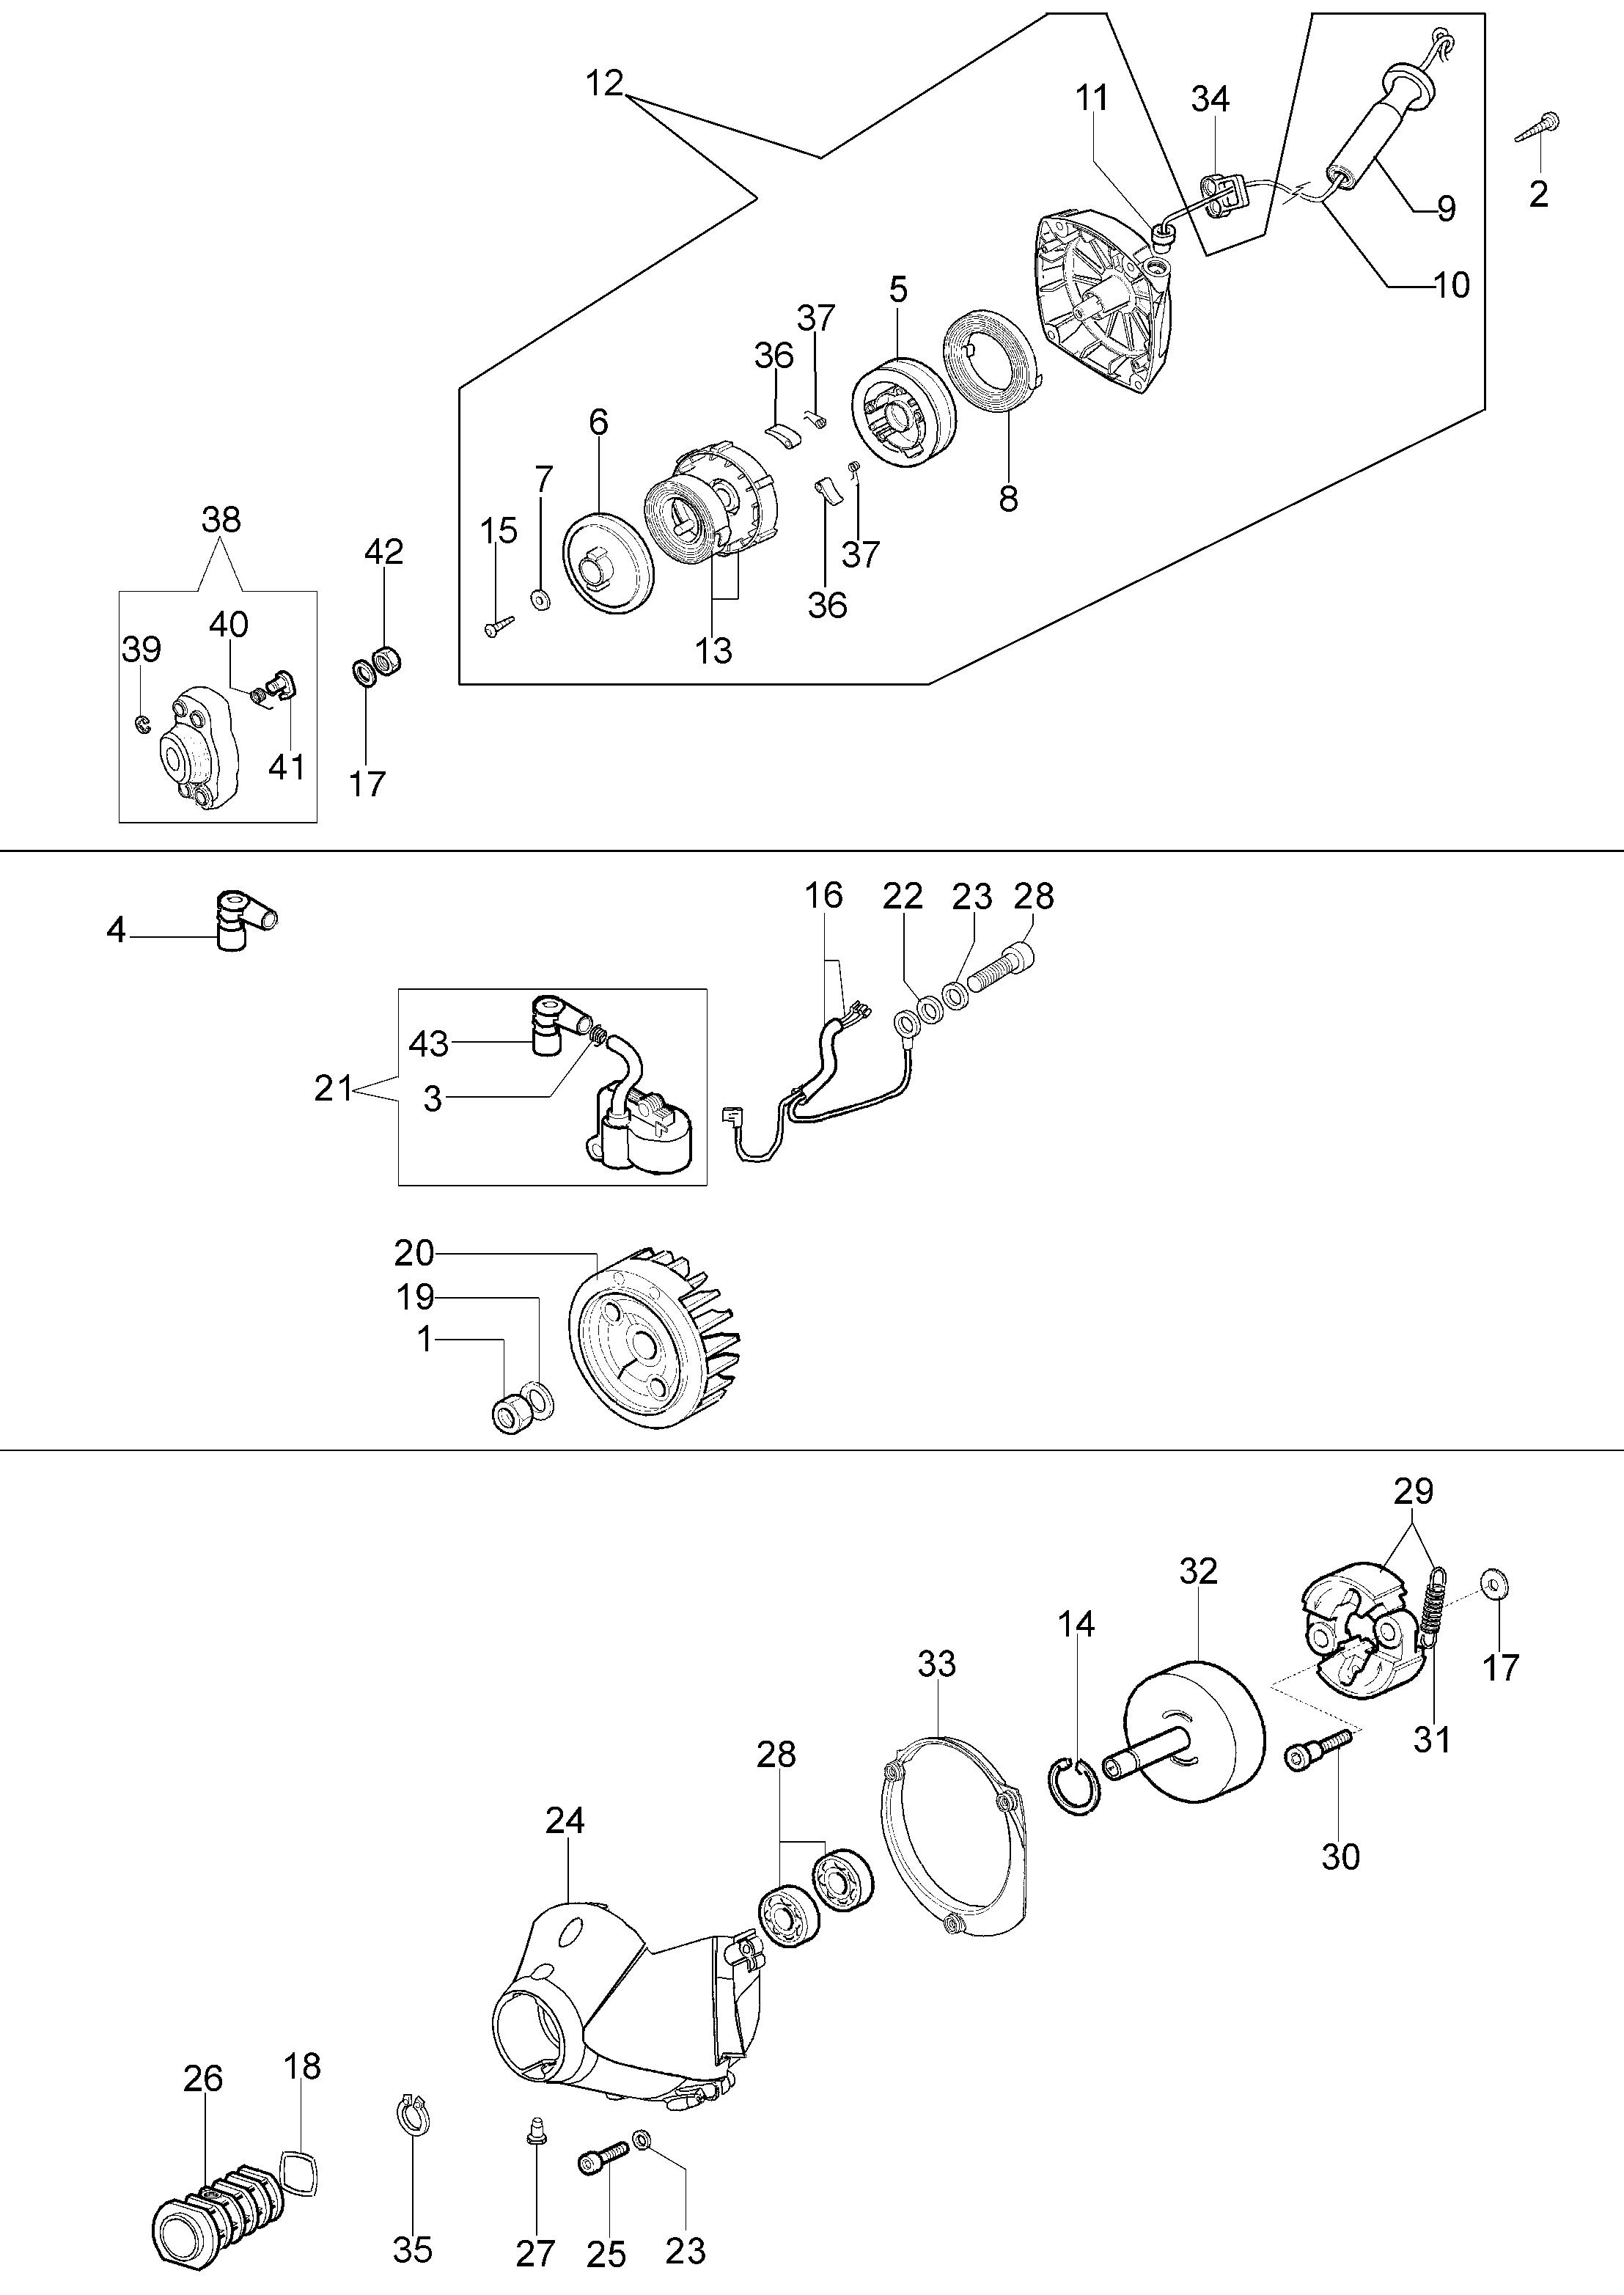 BCF 420 (Euro1 / Euro2) Débroussailleuse oleomac Dessins pièces vue éclatée Démarrage et embrayage